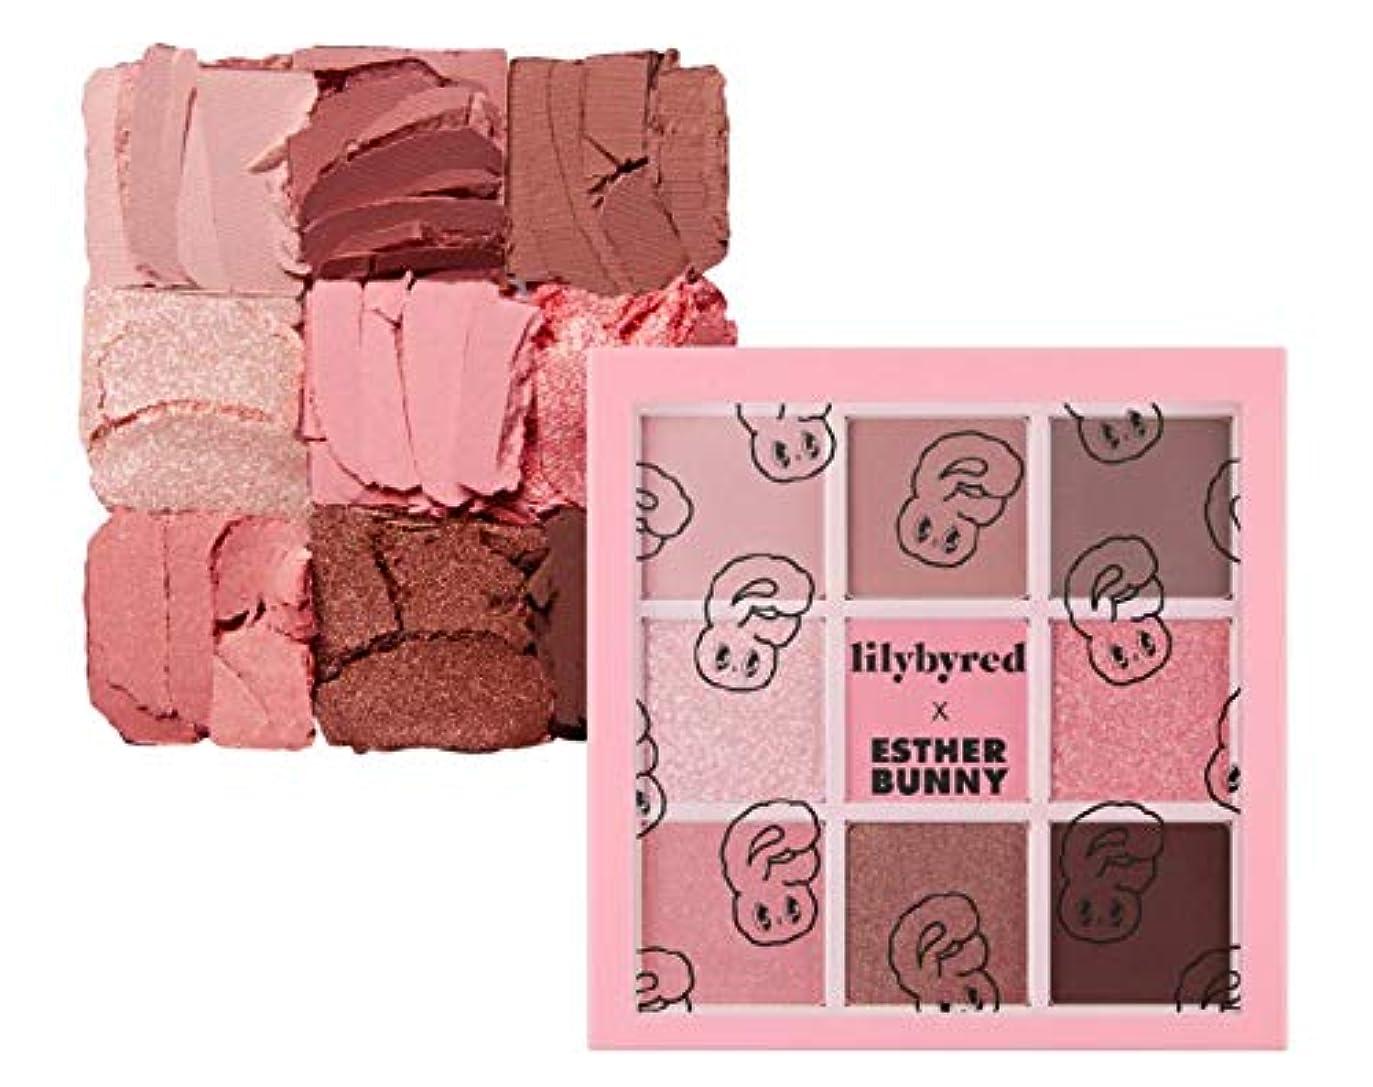 つかいます鉄側面LILYBYRED [Esther Bunny Edition] ムードチートキット アイシャドウ パレット Mood Cheat Kit Eyeshadow Palette 02 Pink Sweets [並行輸入品]